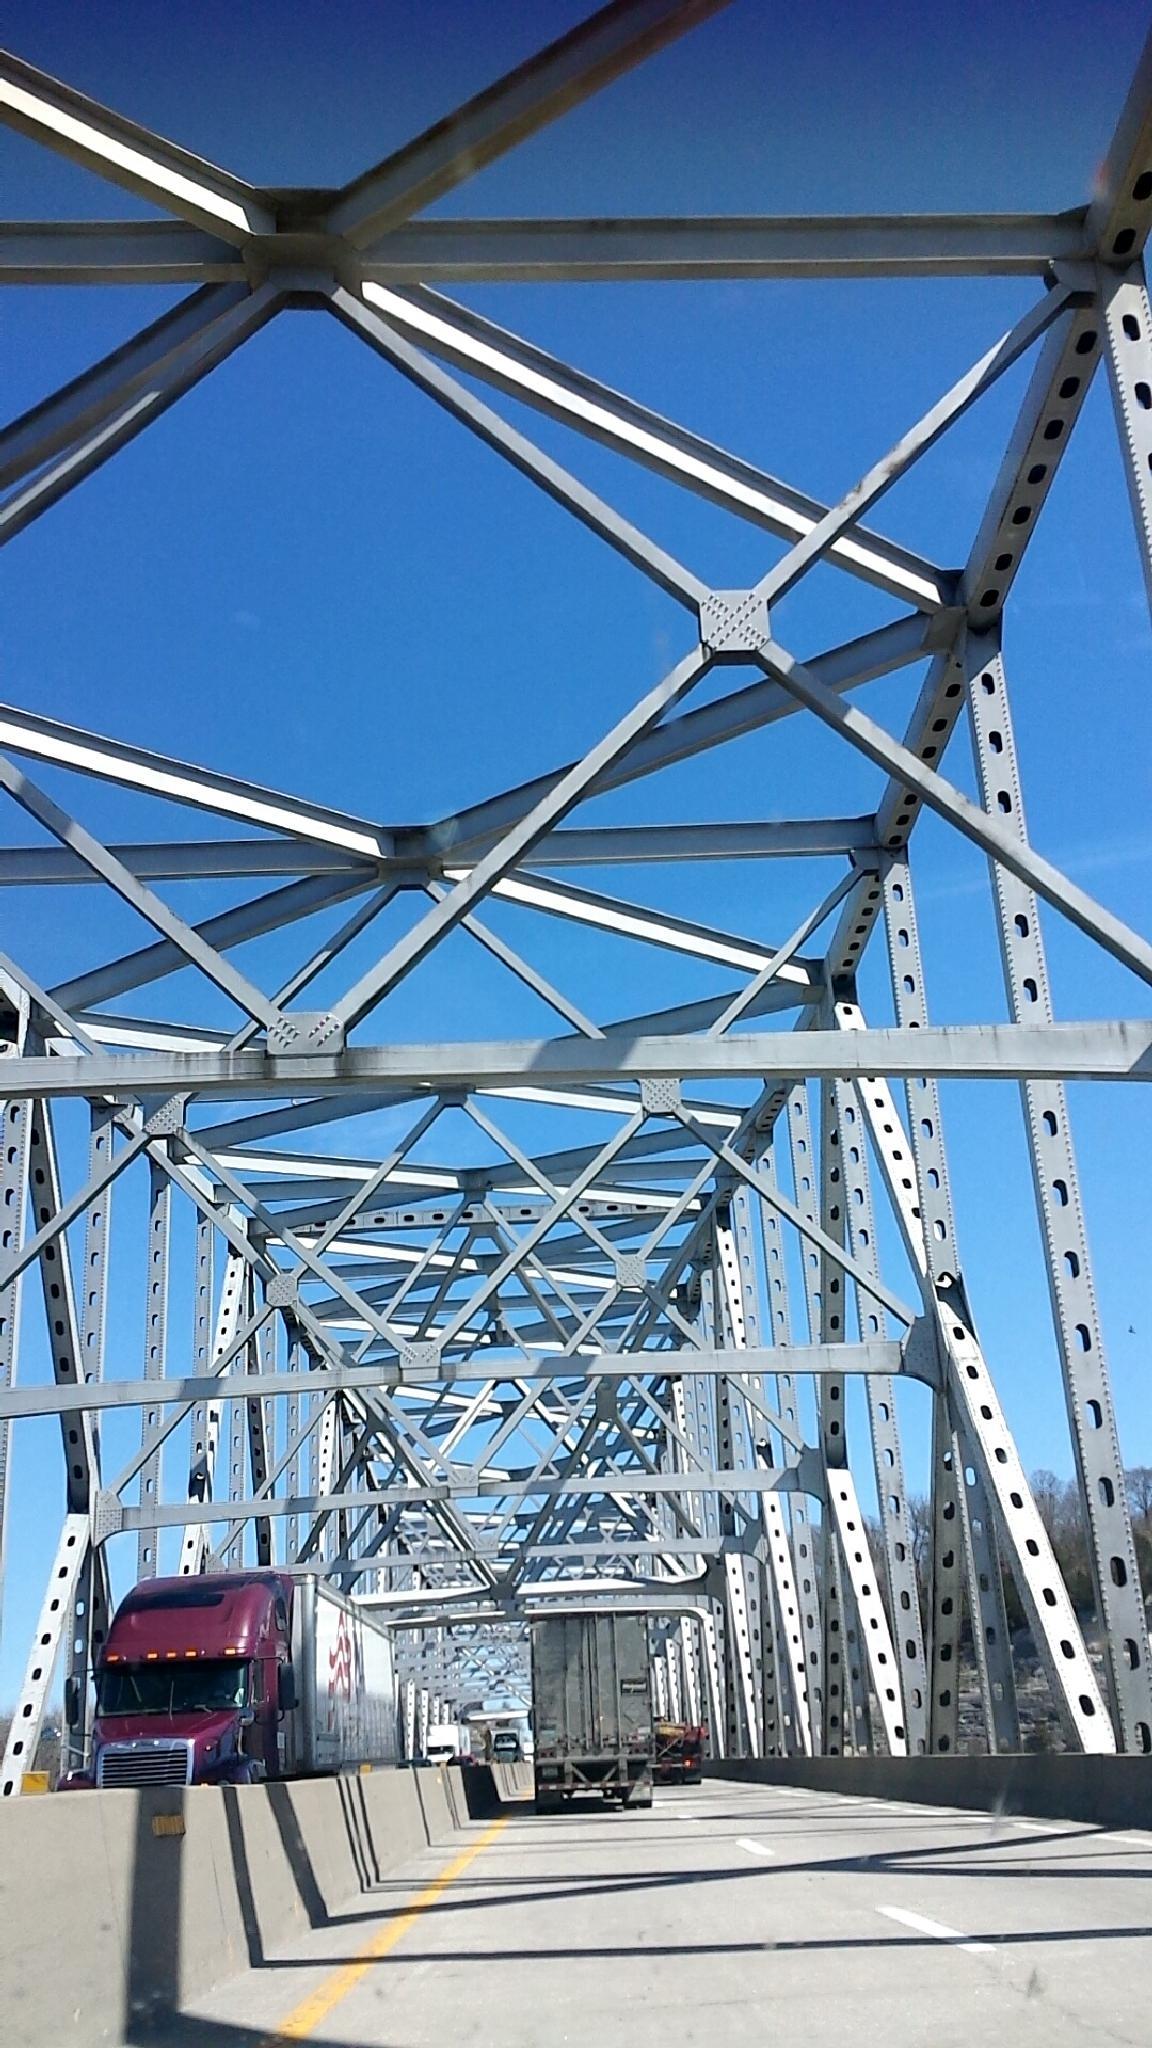 The Bridge by Mrokusek